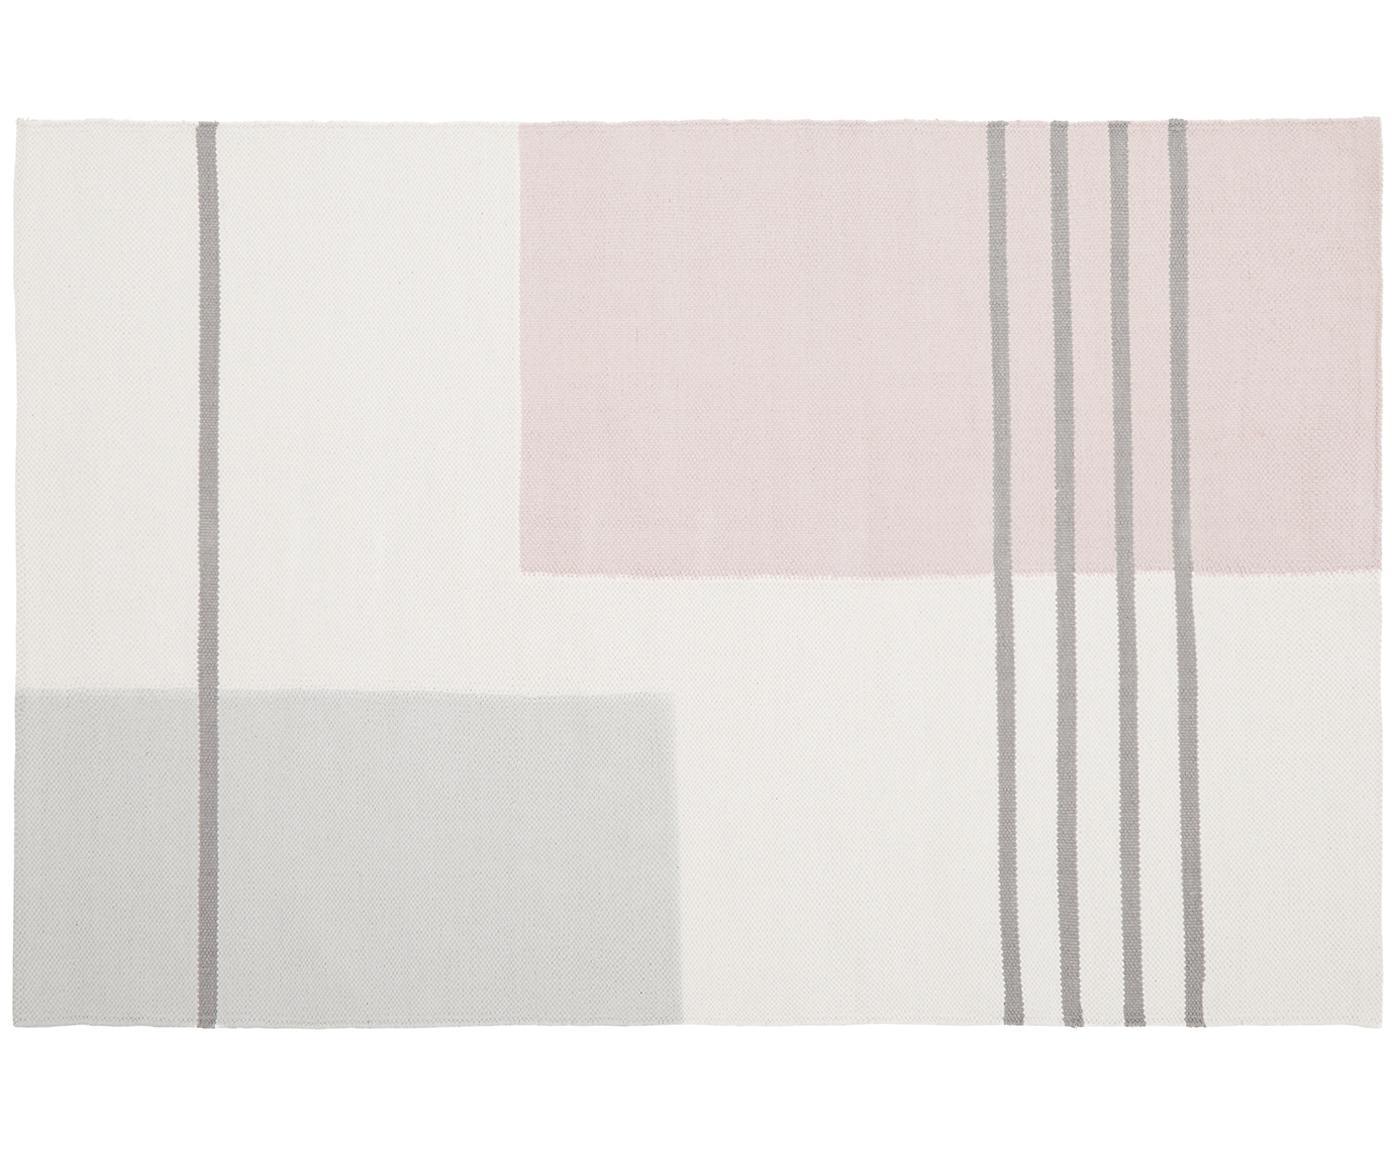 Vlak geweven katoenen vloerkleed Georgio met grafisch patroon, Katoen, Grijs, beige, roze, B 120 x L 180 cm (maat S)